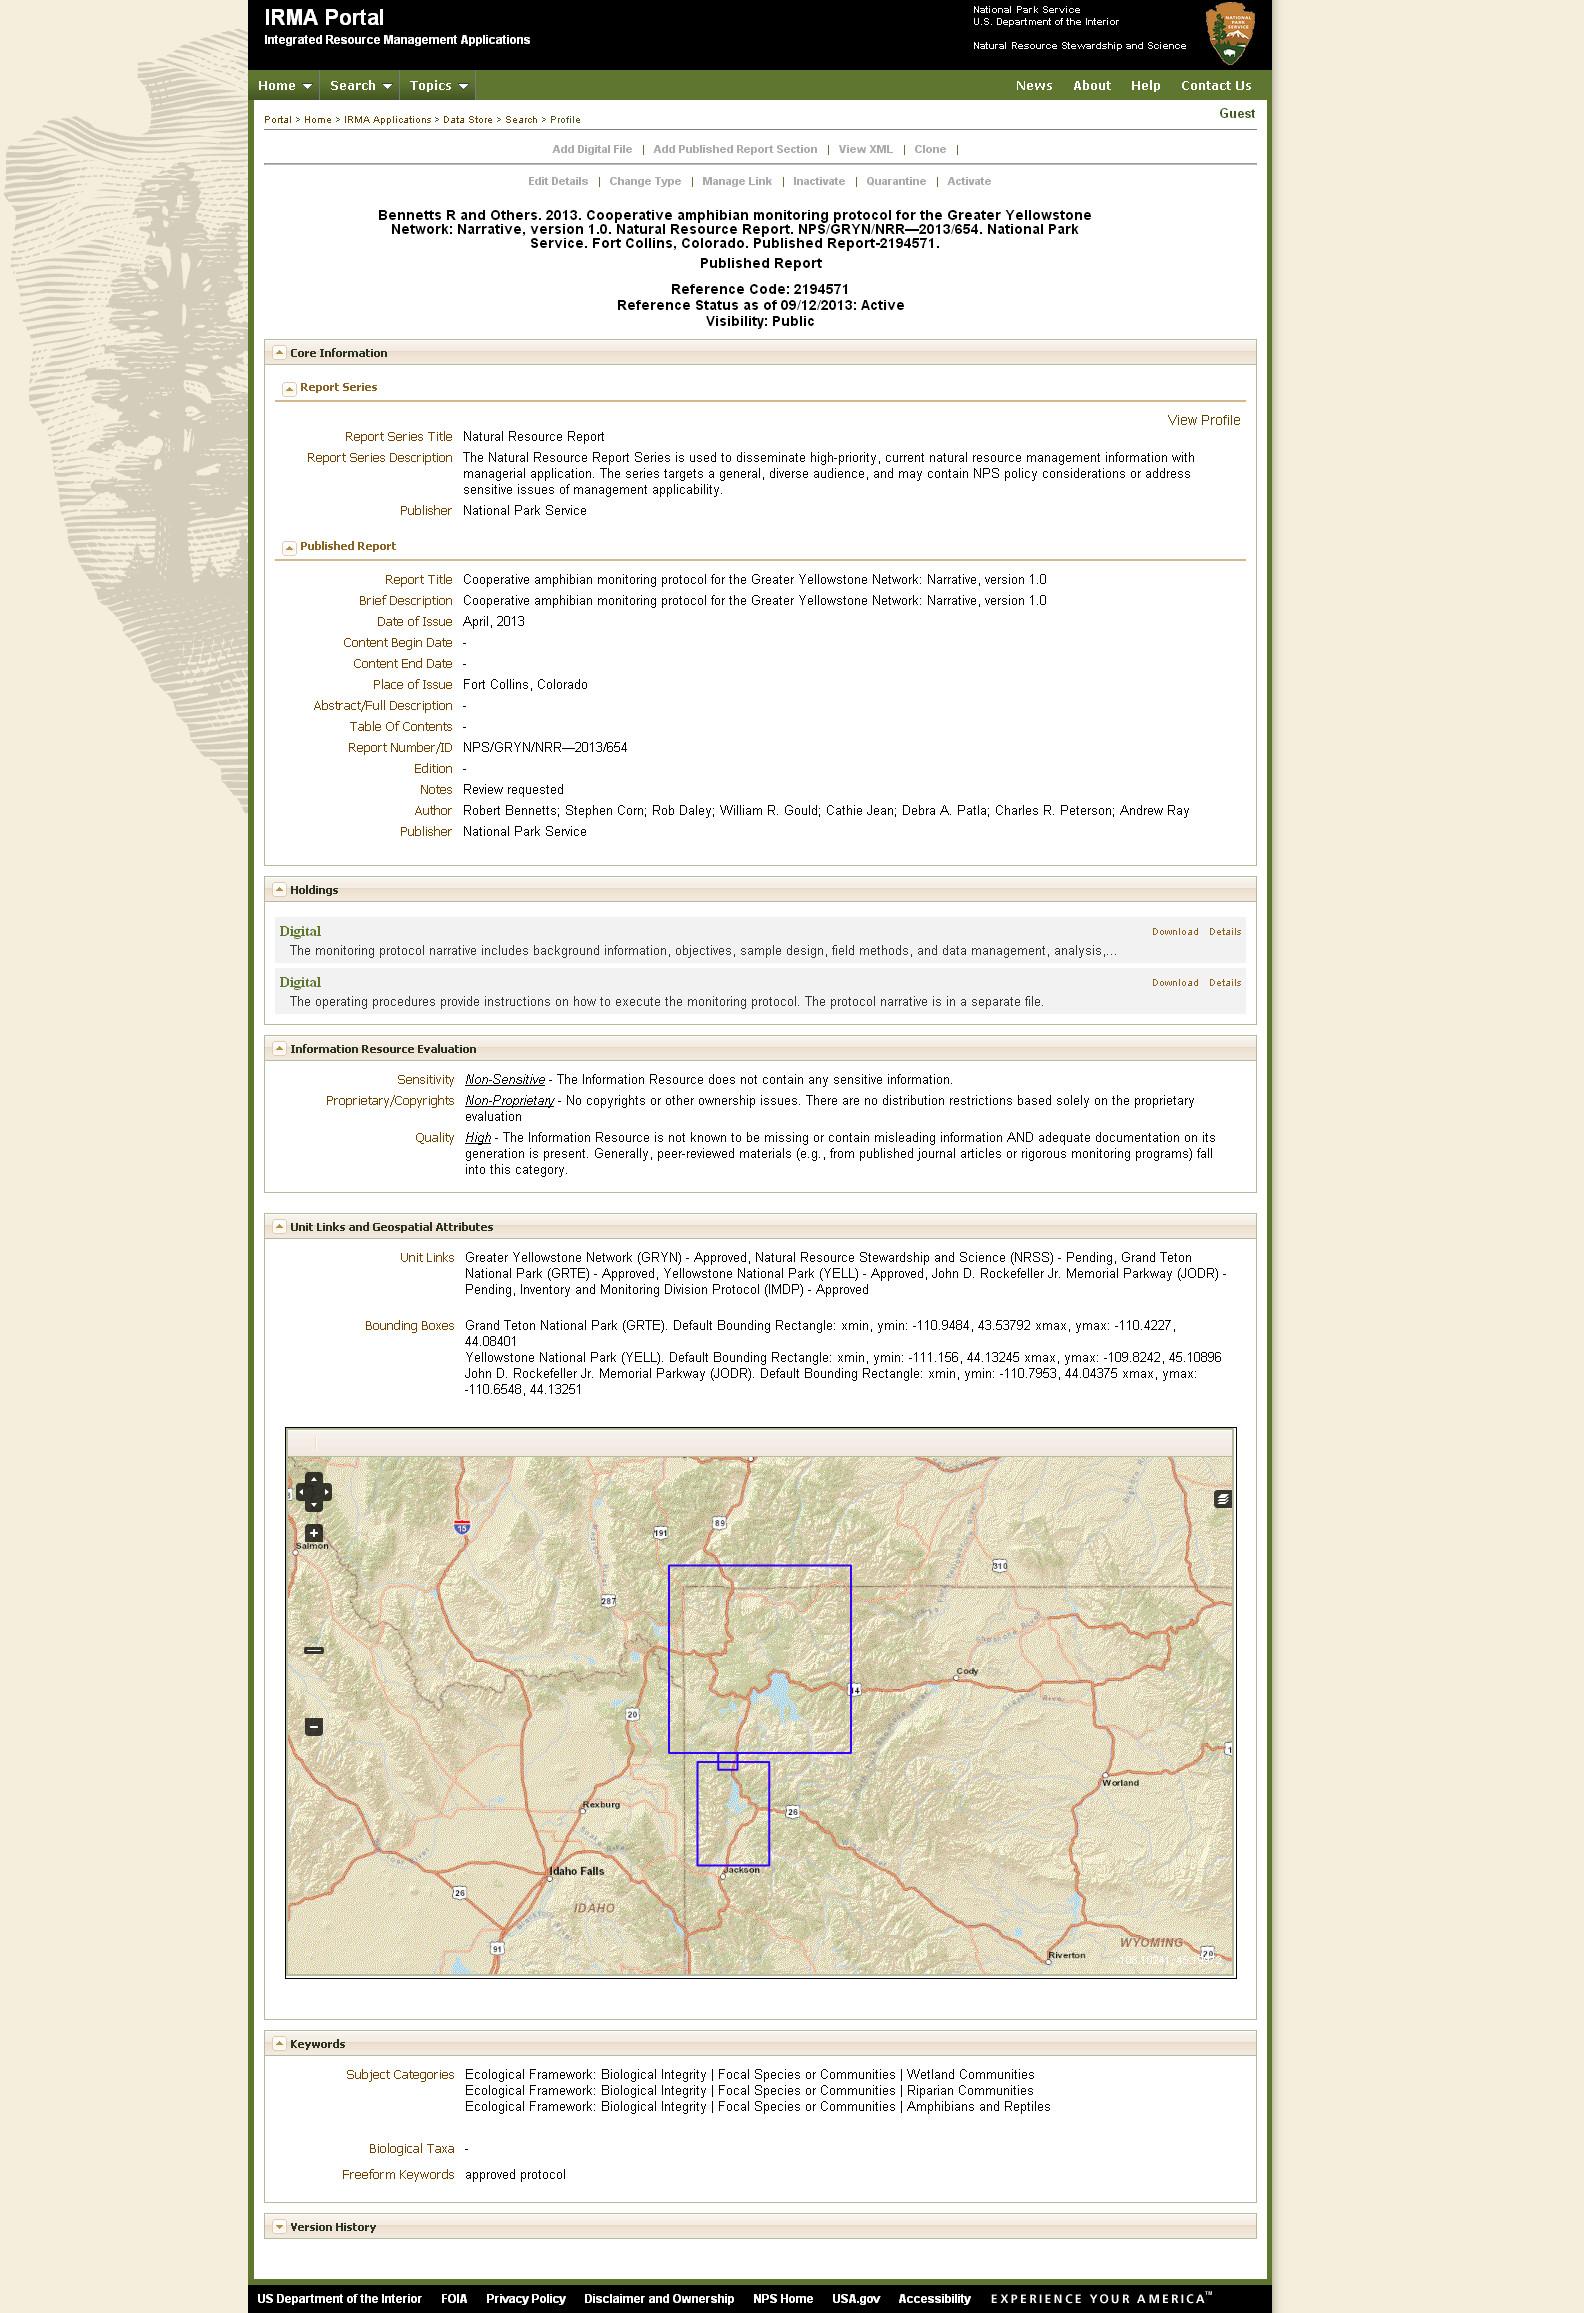 Протокол, содержащий подробную информацию о целях, задачах, методах и объектах мониторинга, а также картографические данные